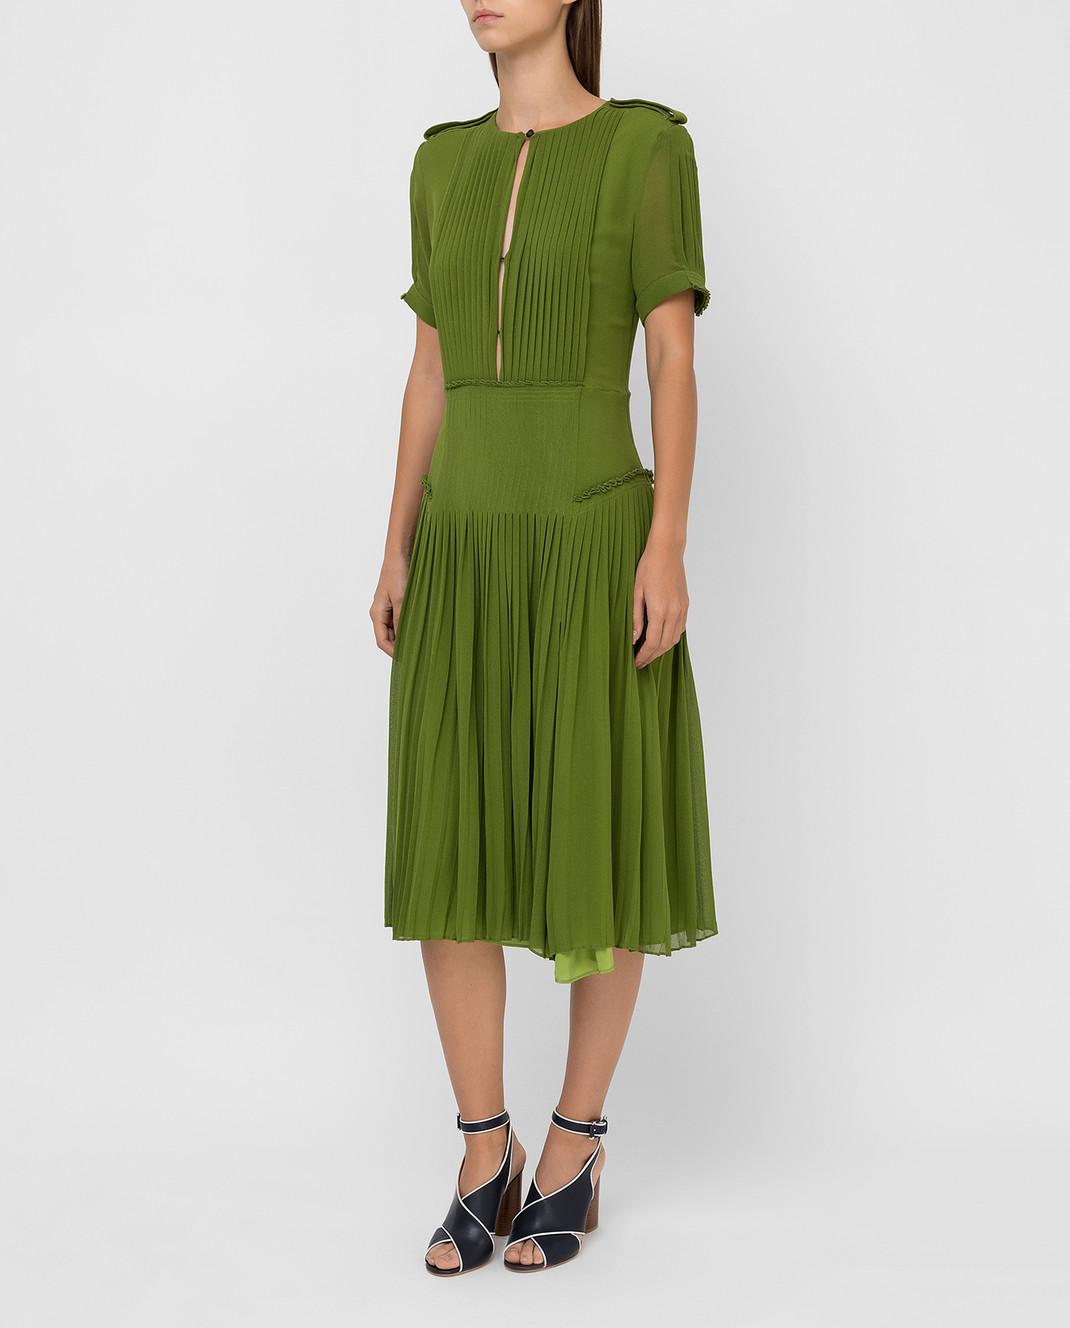 Burberry Зеленое платье из шелка изображение 3